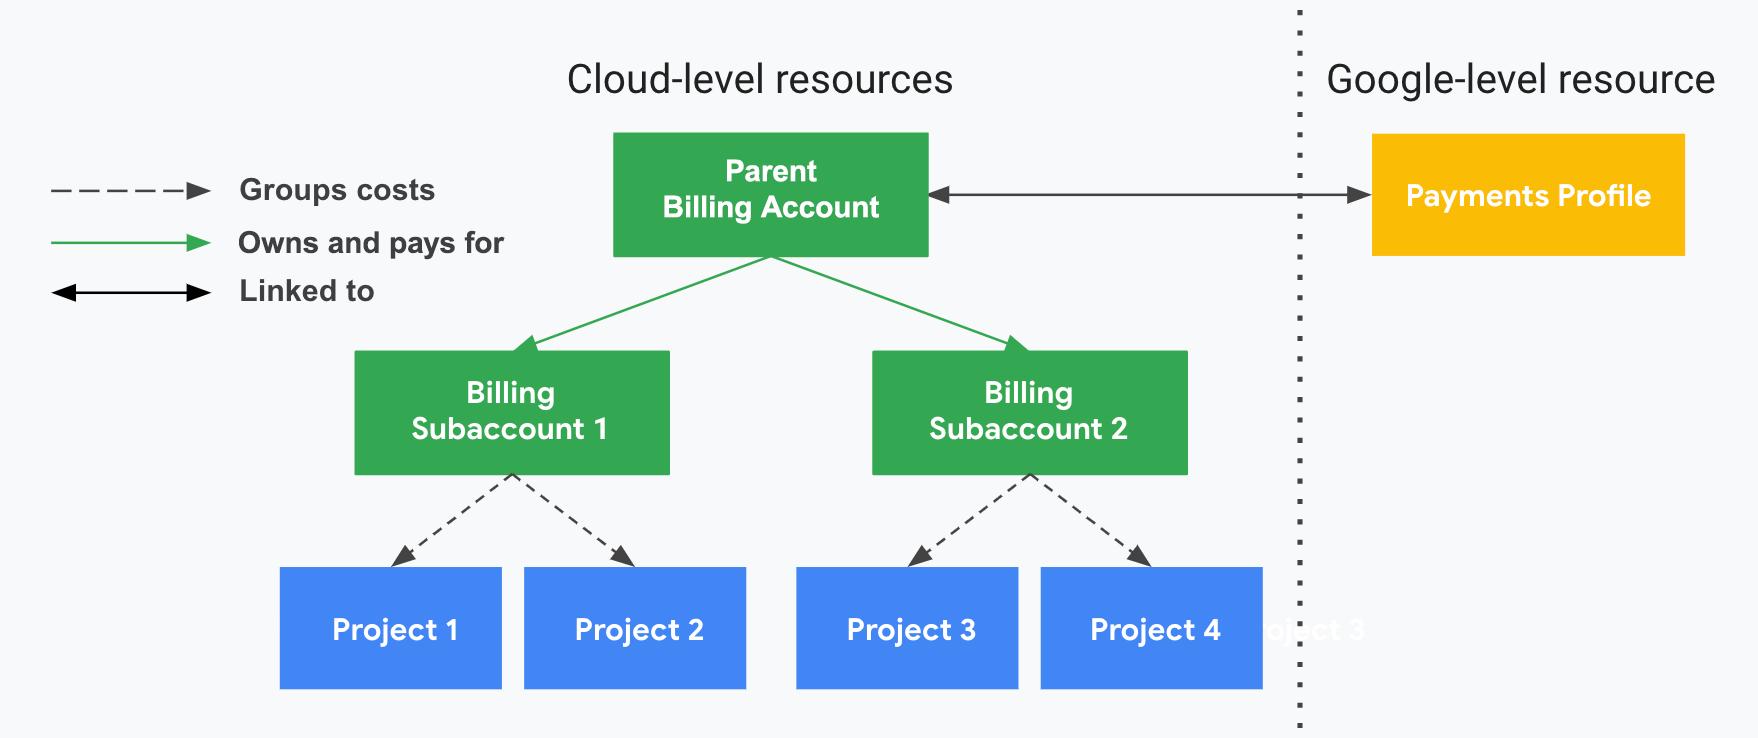 Describe cómo se relacionan los proyectos con las cuentas y las cuentas secundarias de facturación de Cloud, y el perfil de pagos. Una parte muestra los recursos a nivel de Cloud (la cuenta de facturación de Cloud, las cuentas secundarias y los proyectos asociados) y la otra, dividida por una línea de puntos vertical, muestra el recurso a nivel de Google (un perfil de pagos). Los costos de uso del proyecto se agrupan y se dividen según las cuentas secundarias asociadas de la FacturacióndeCloud. La cuenta principal de FacturacióndeCloud del distribuidor paga las cuentas secundarias vinculadas a tu perfil de pagos.